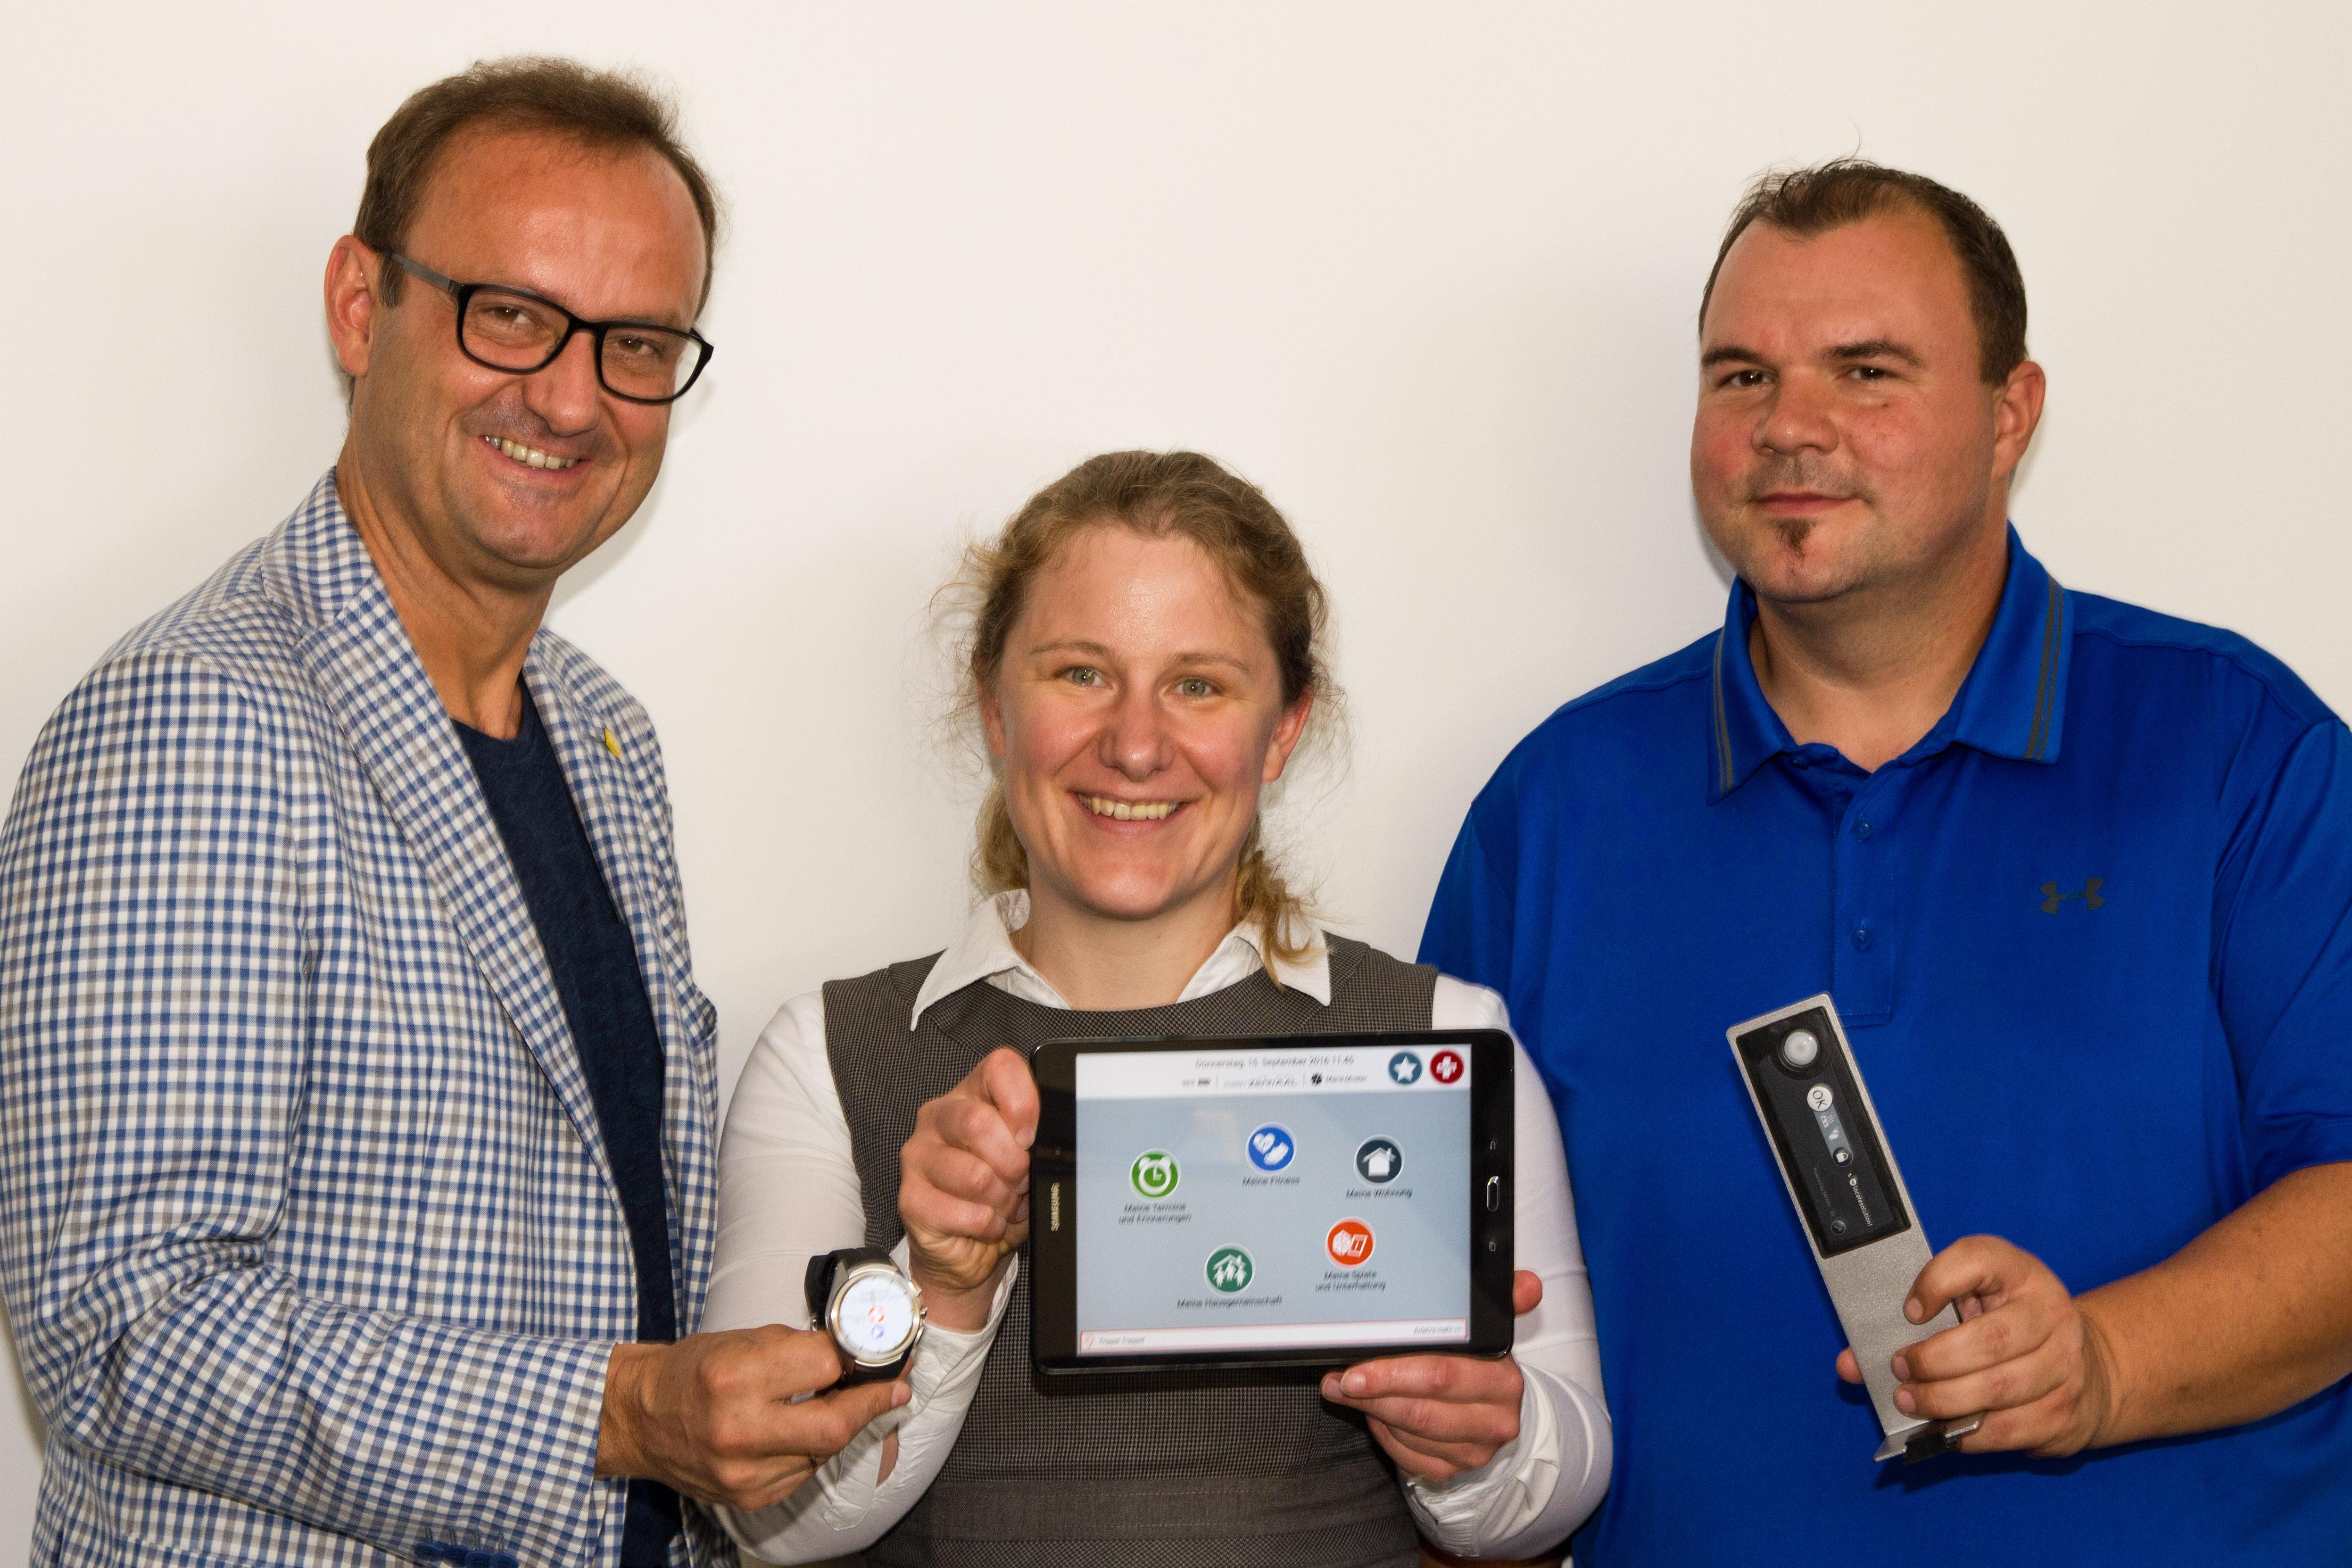 Hermann Hagleitner (Hilfswerk Salzburg), Cornelia Schneider (Salzburg Research), Bernhard Kaiser (Salzburg Wohnbau) mit einzelnen Komponenten des ZentrAAL-Systems